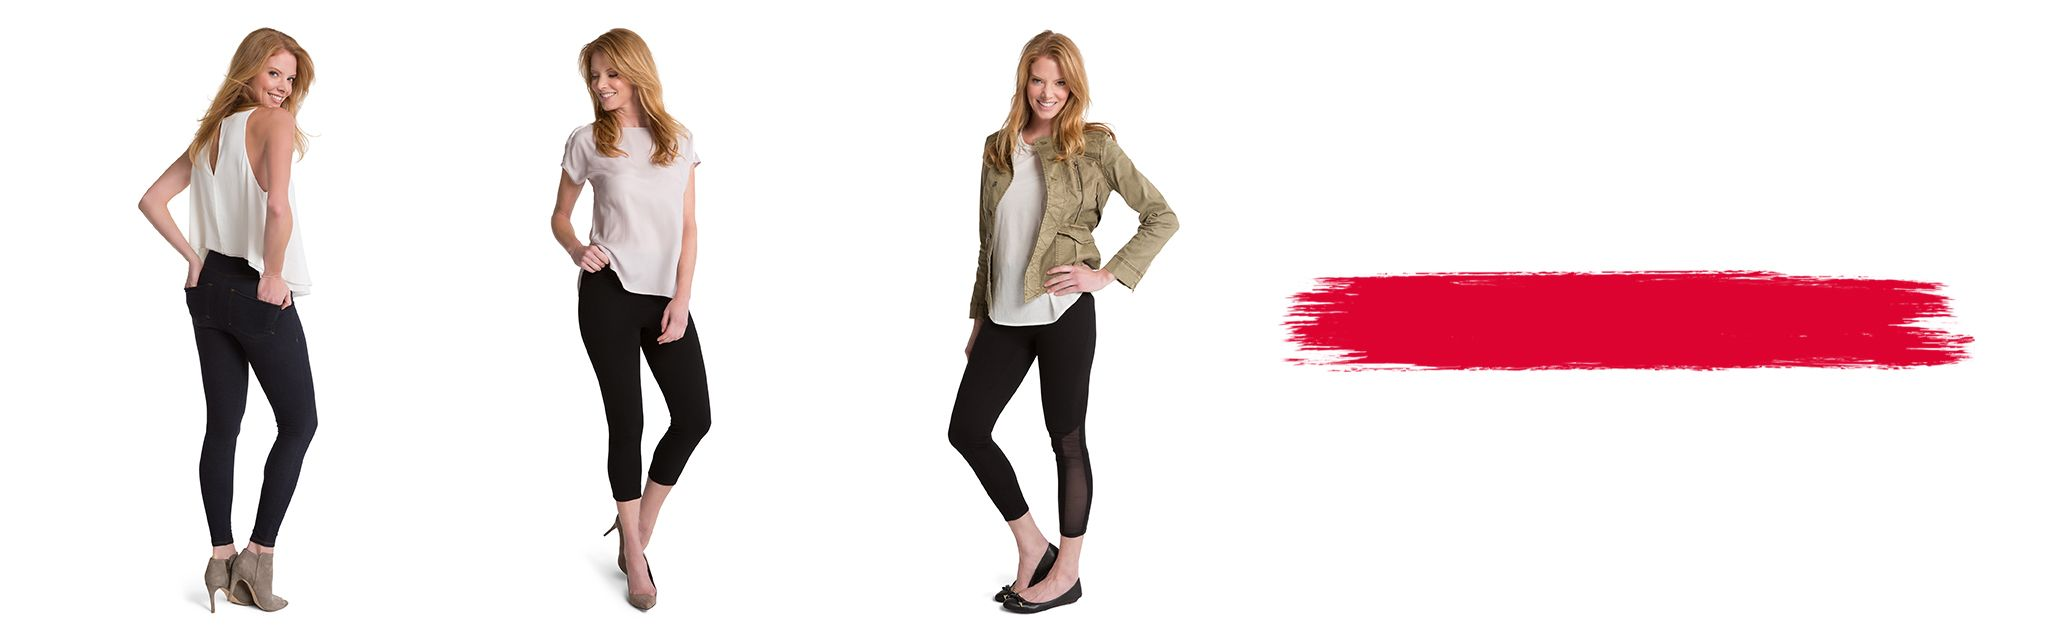 3 Spanx Models Wearing Shaping Leggings